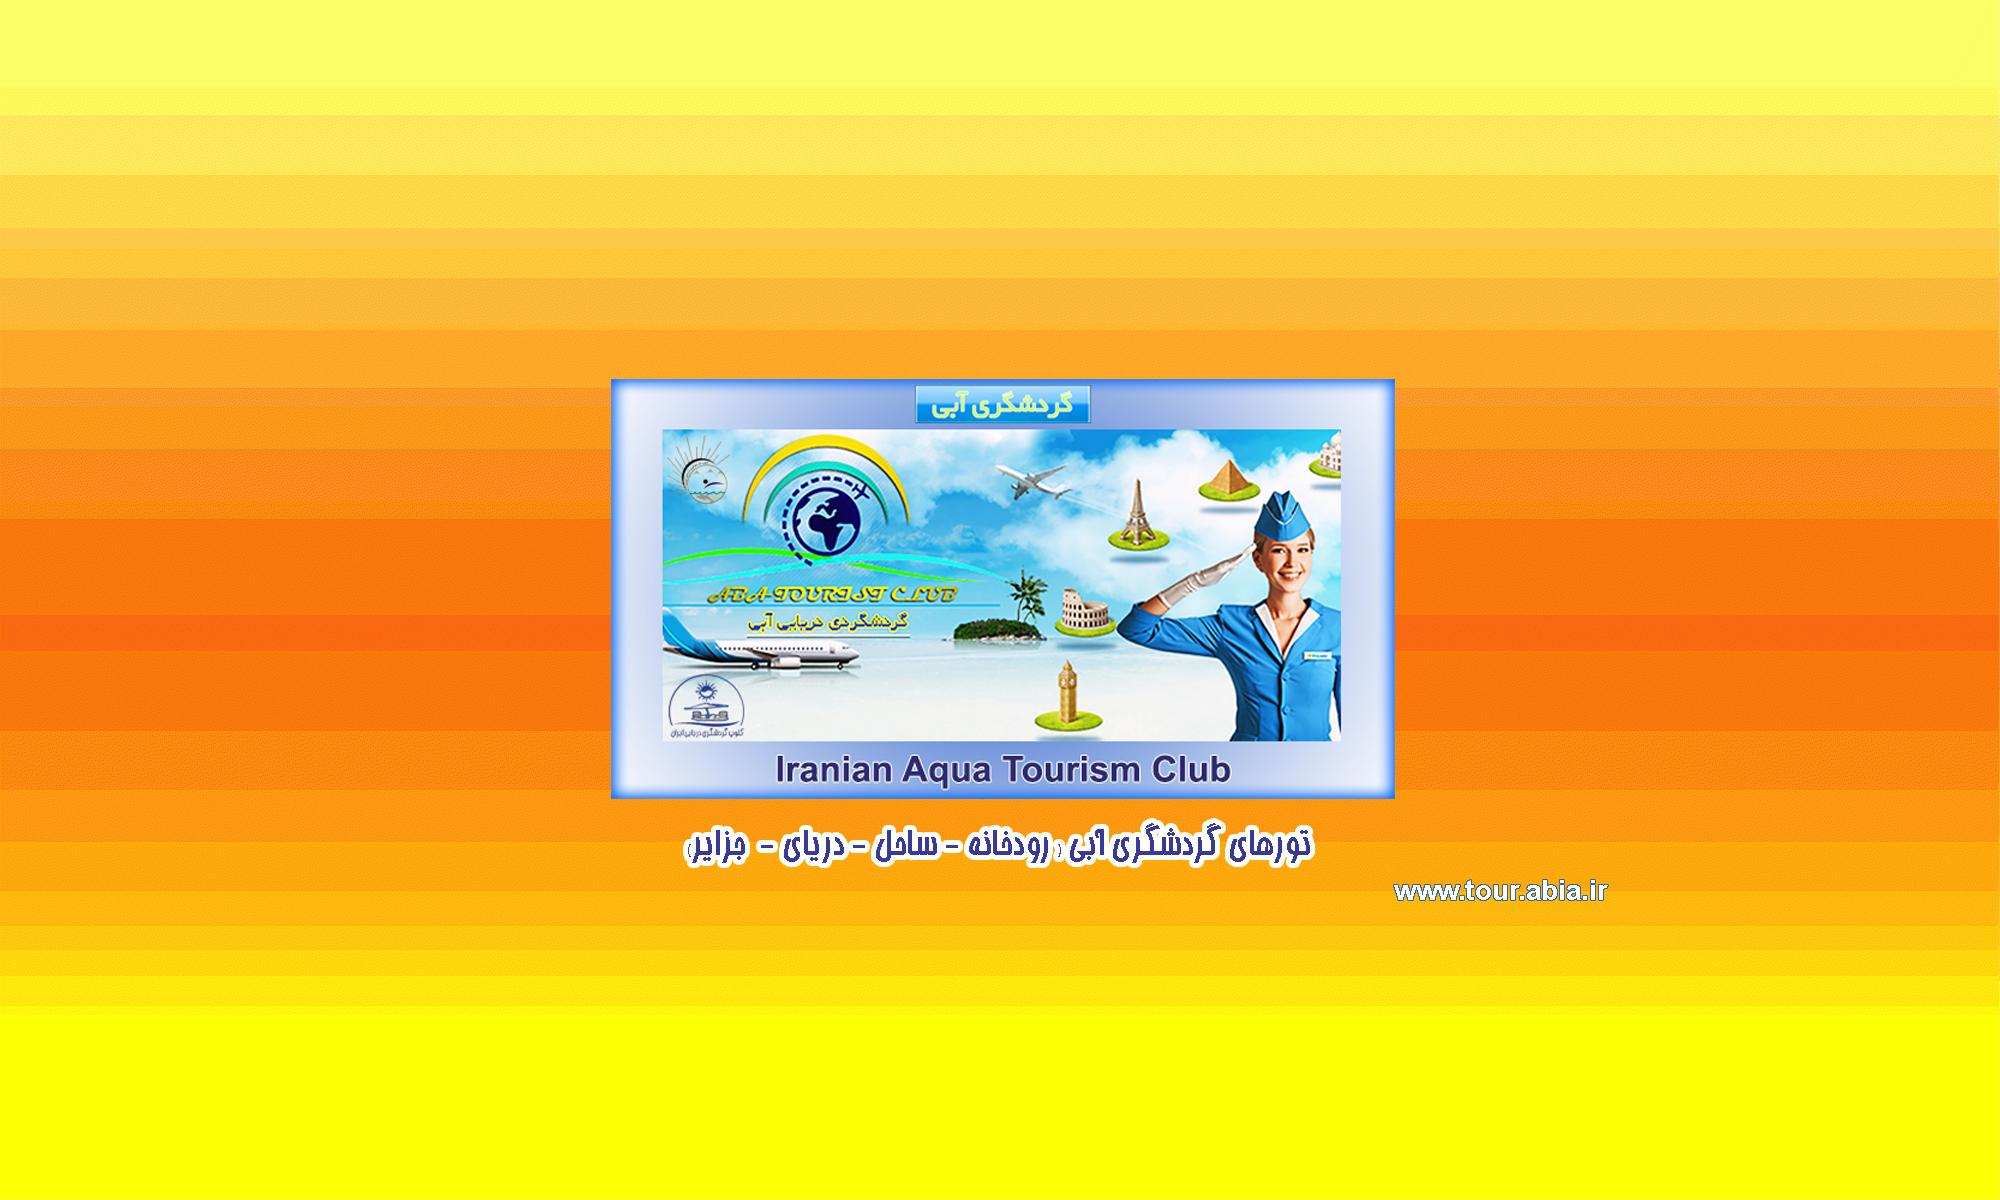 Iranian Aqua Tourism Club